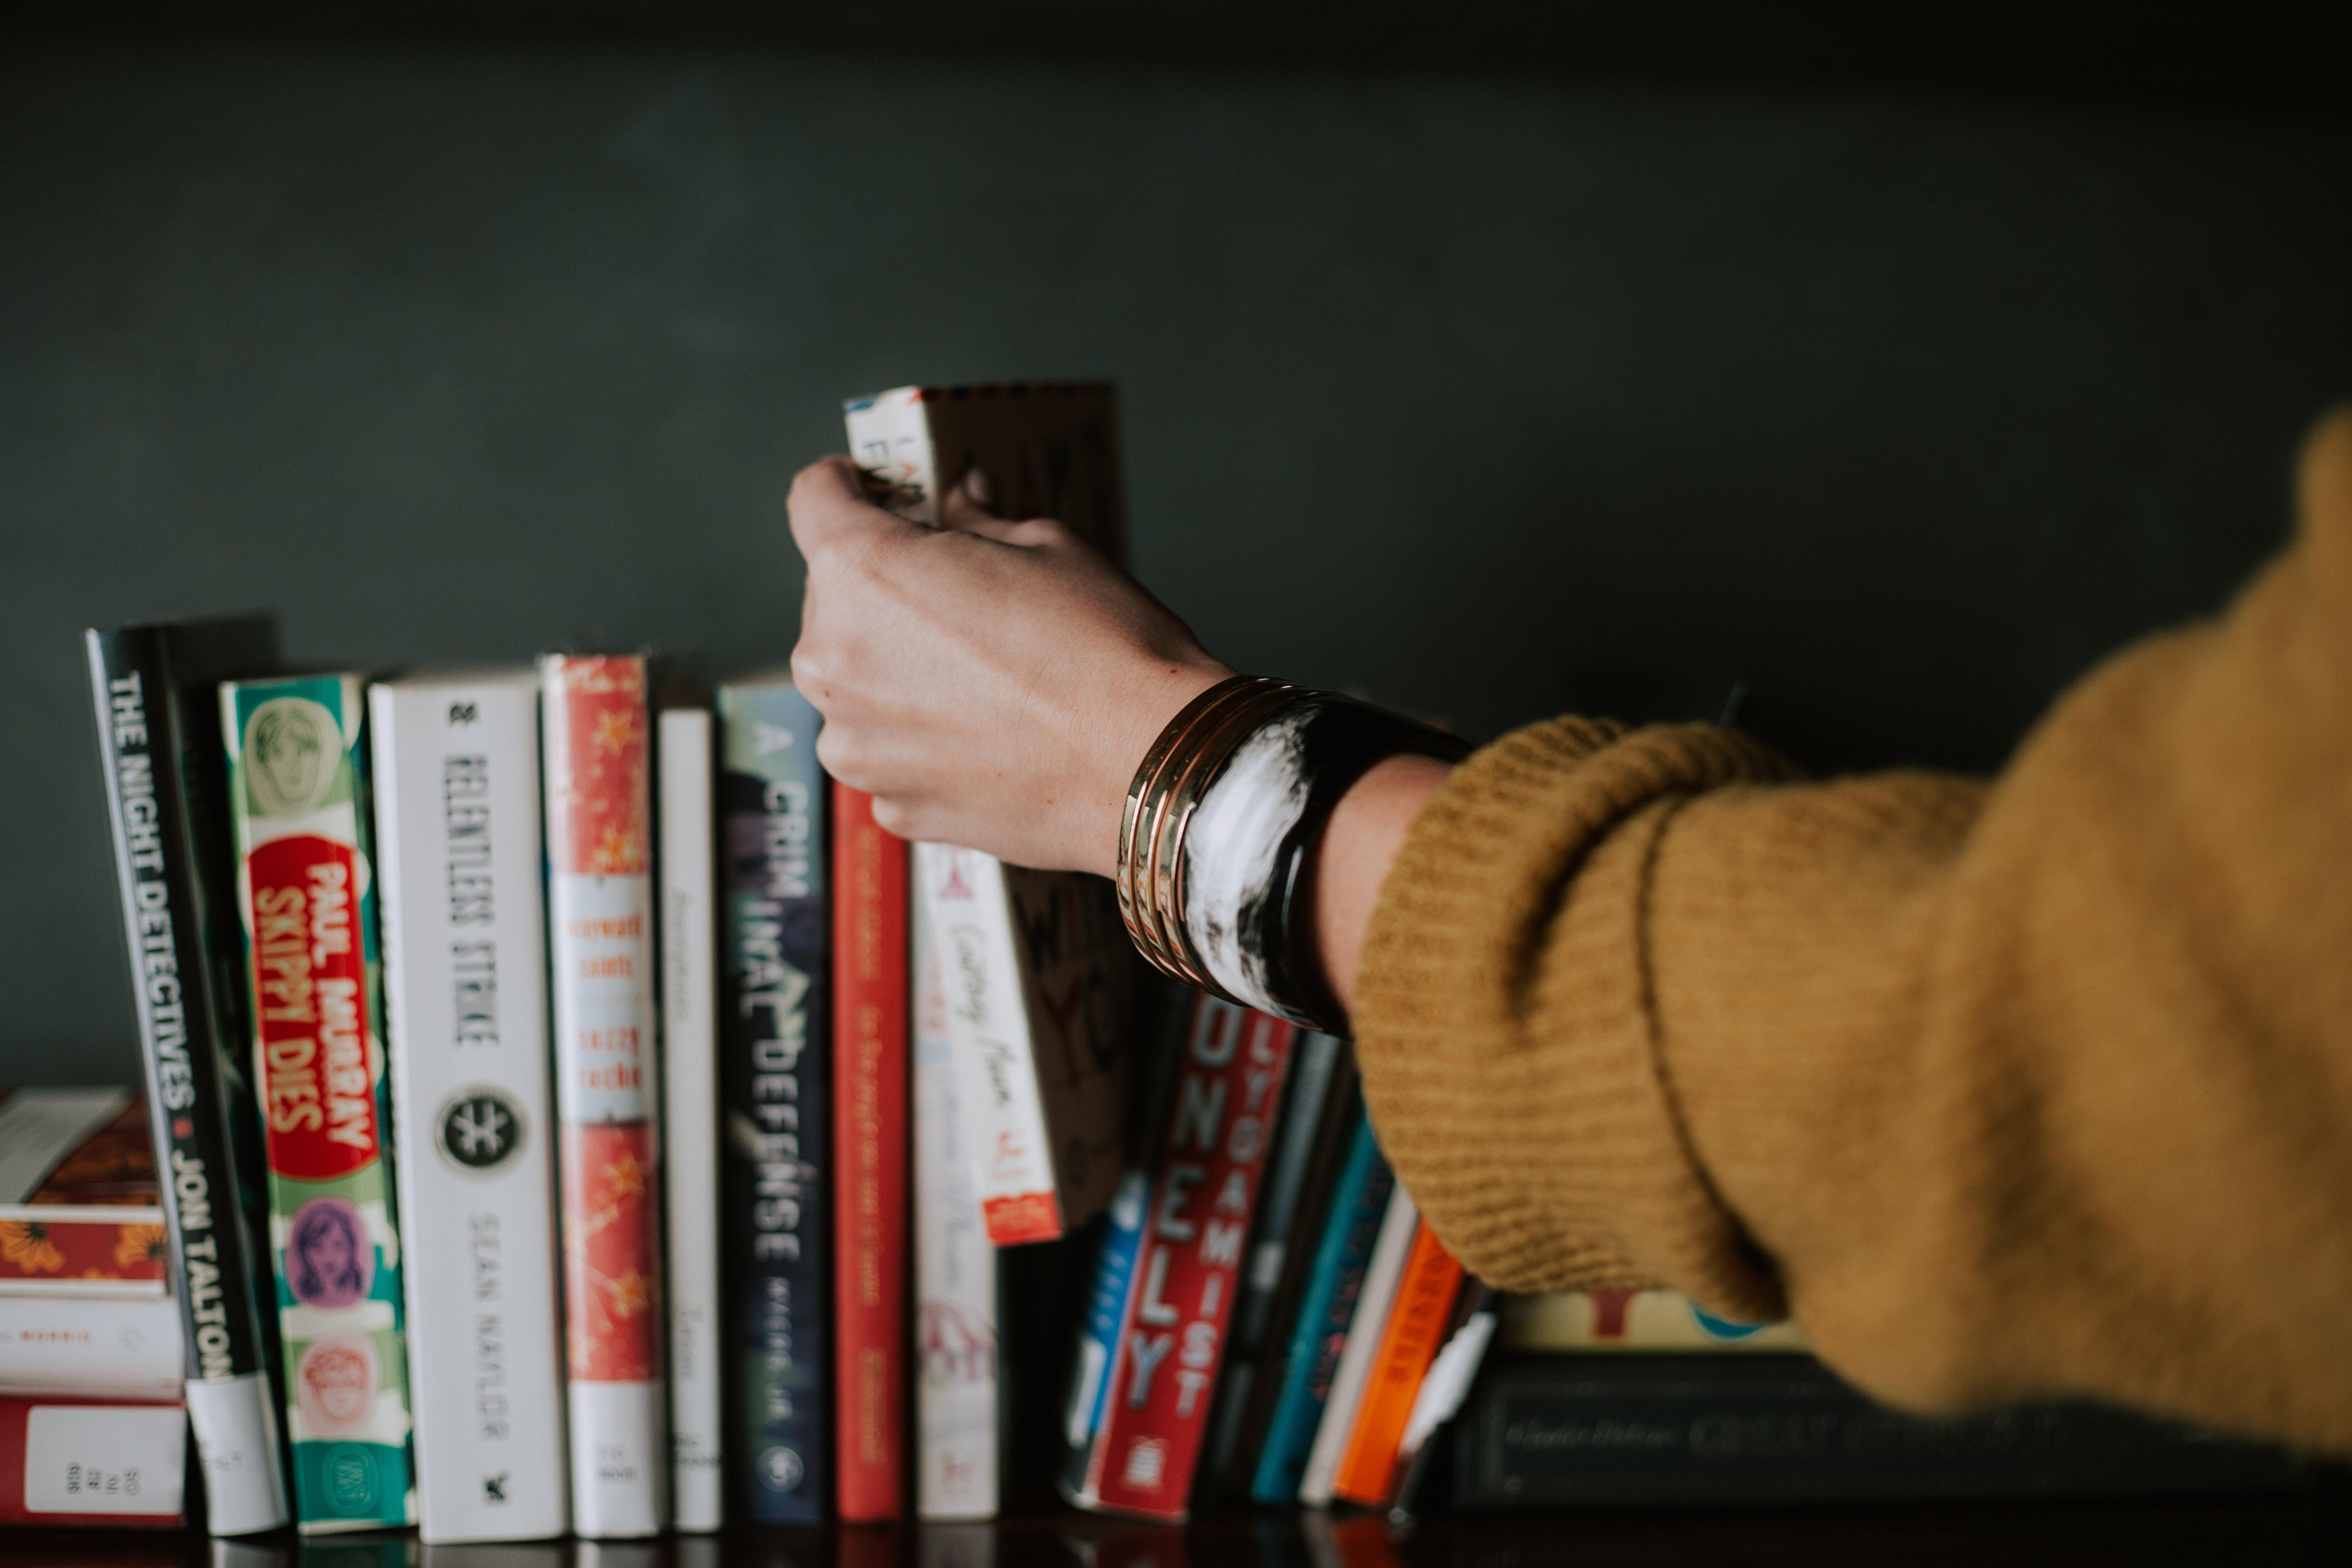 หนังสือ หนังสือน่าอ่าน หนังสือแนะนำ หนังสือน่าอ่าน 2019